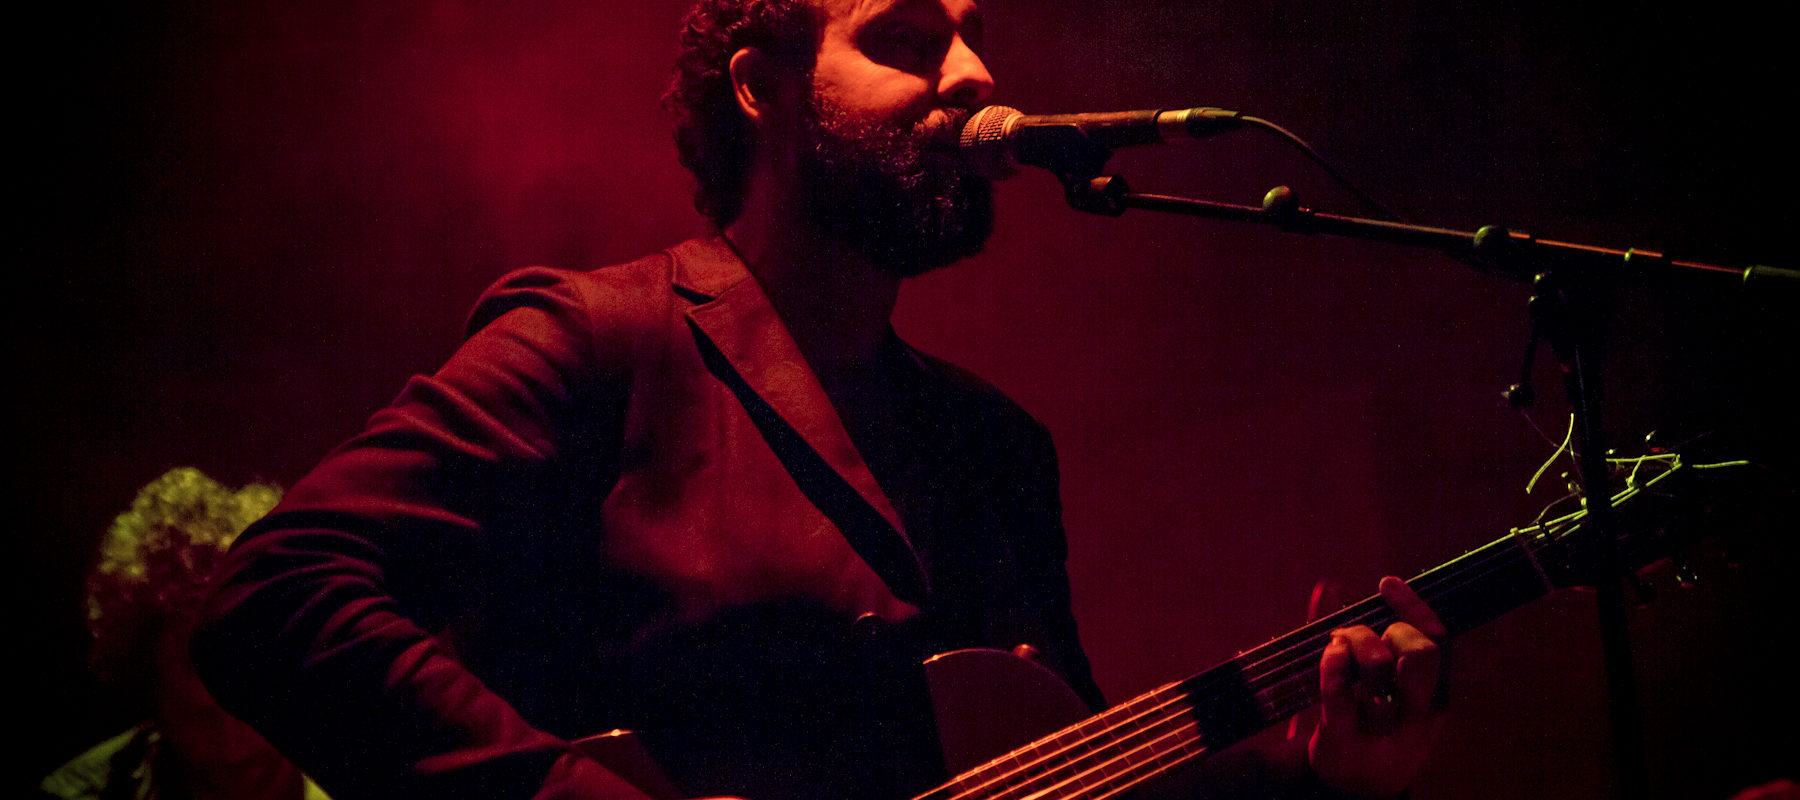 Permalink to: MOMO no Musicbox Lisboa | Reportagem fotográfica